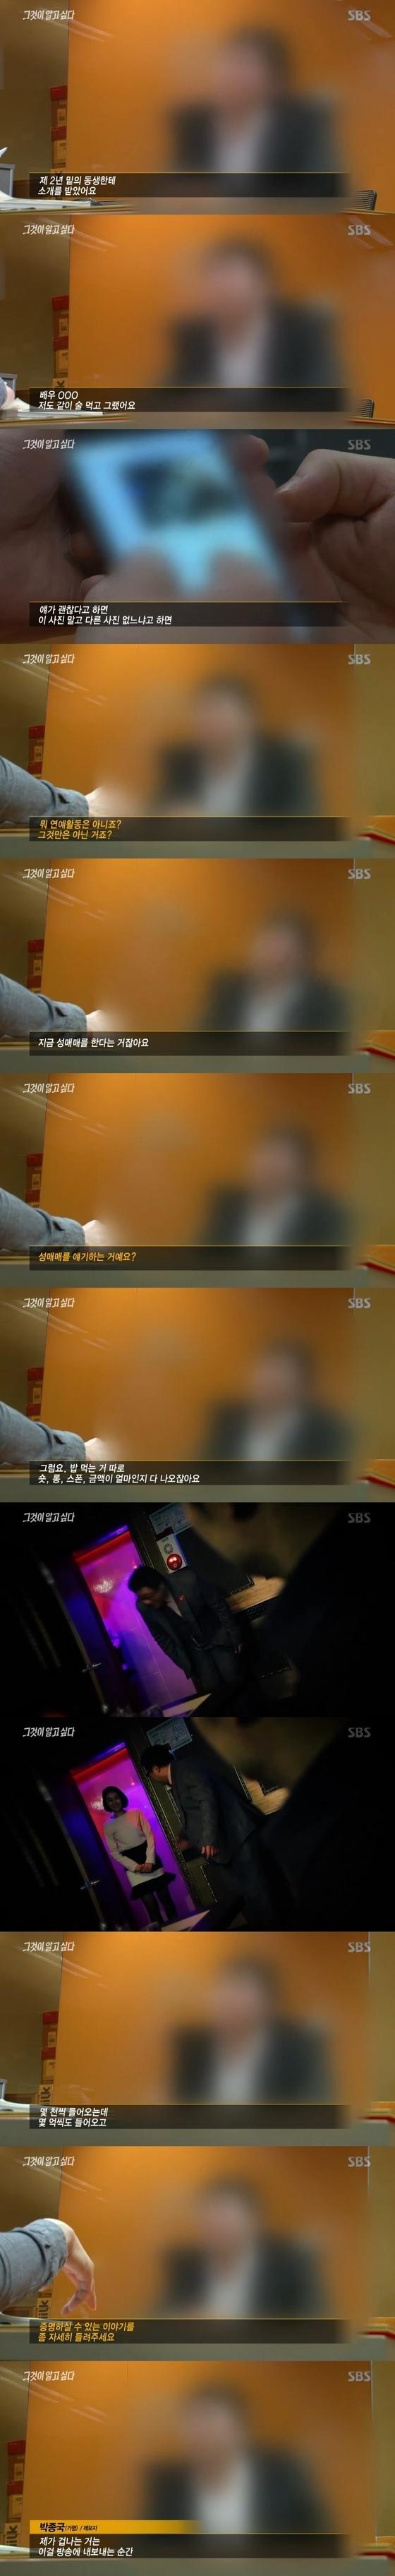 13일 밤 11시10분 SBS '그것이 알고 싶다'가 방송됐다. © News1 star / SBS '그것이 알고 싶다' 캡처